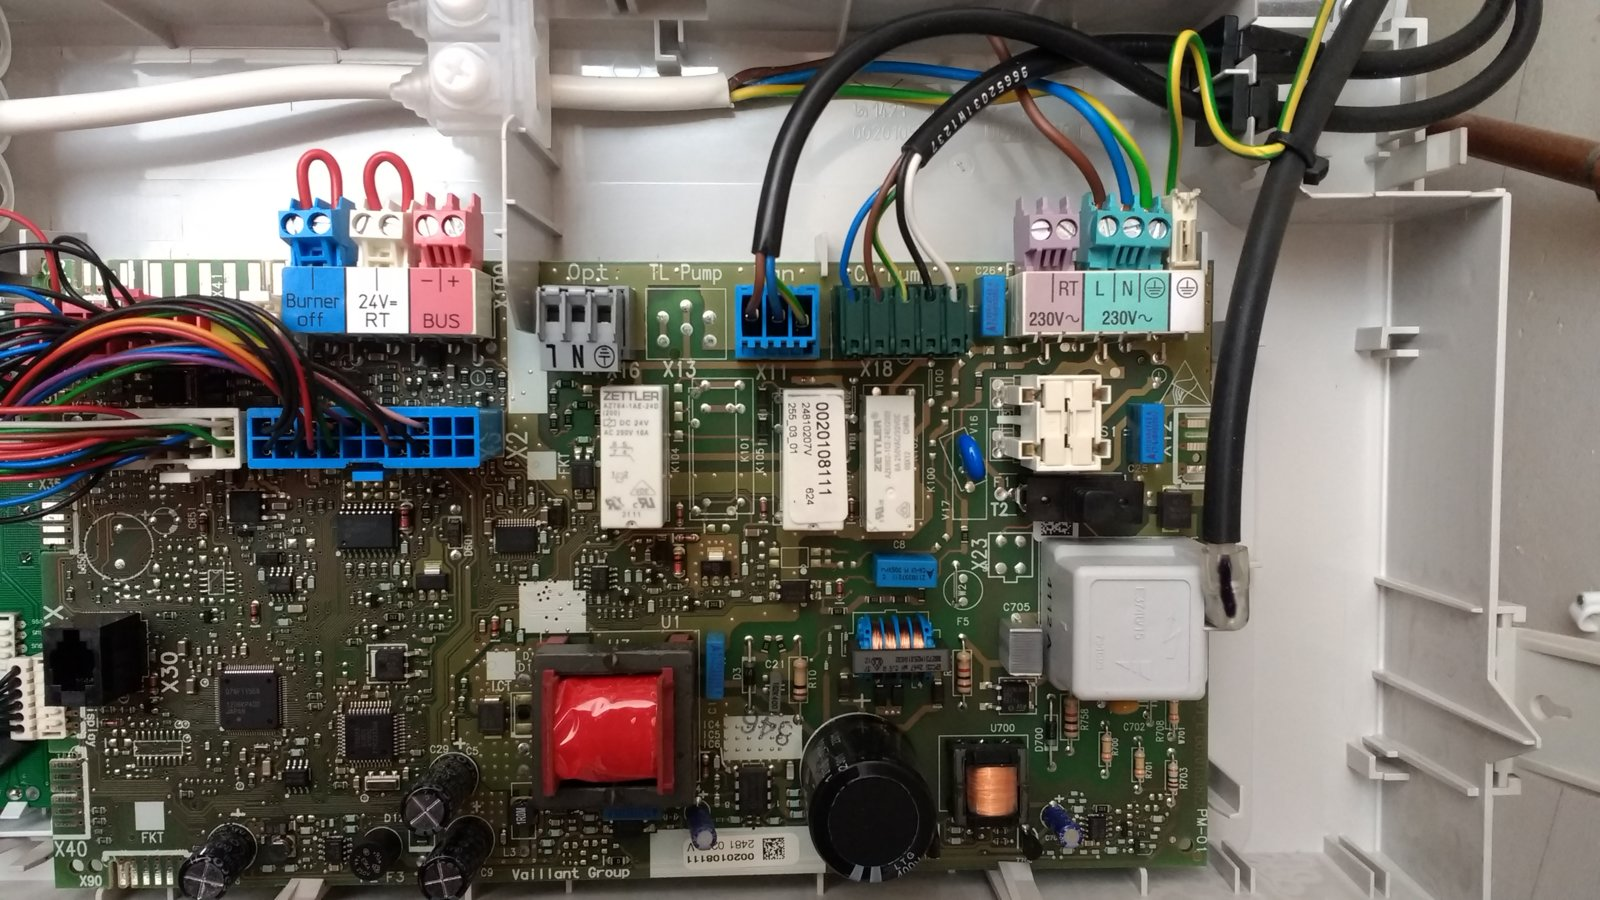 Wiring Diagram Vaillant Ecotec Plus